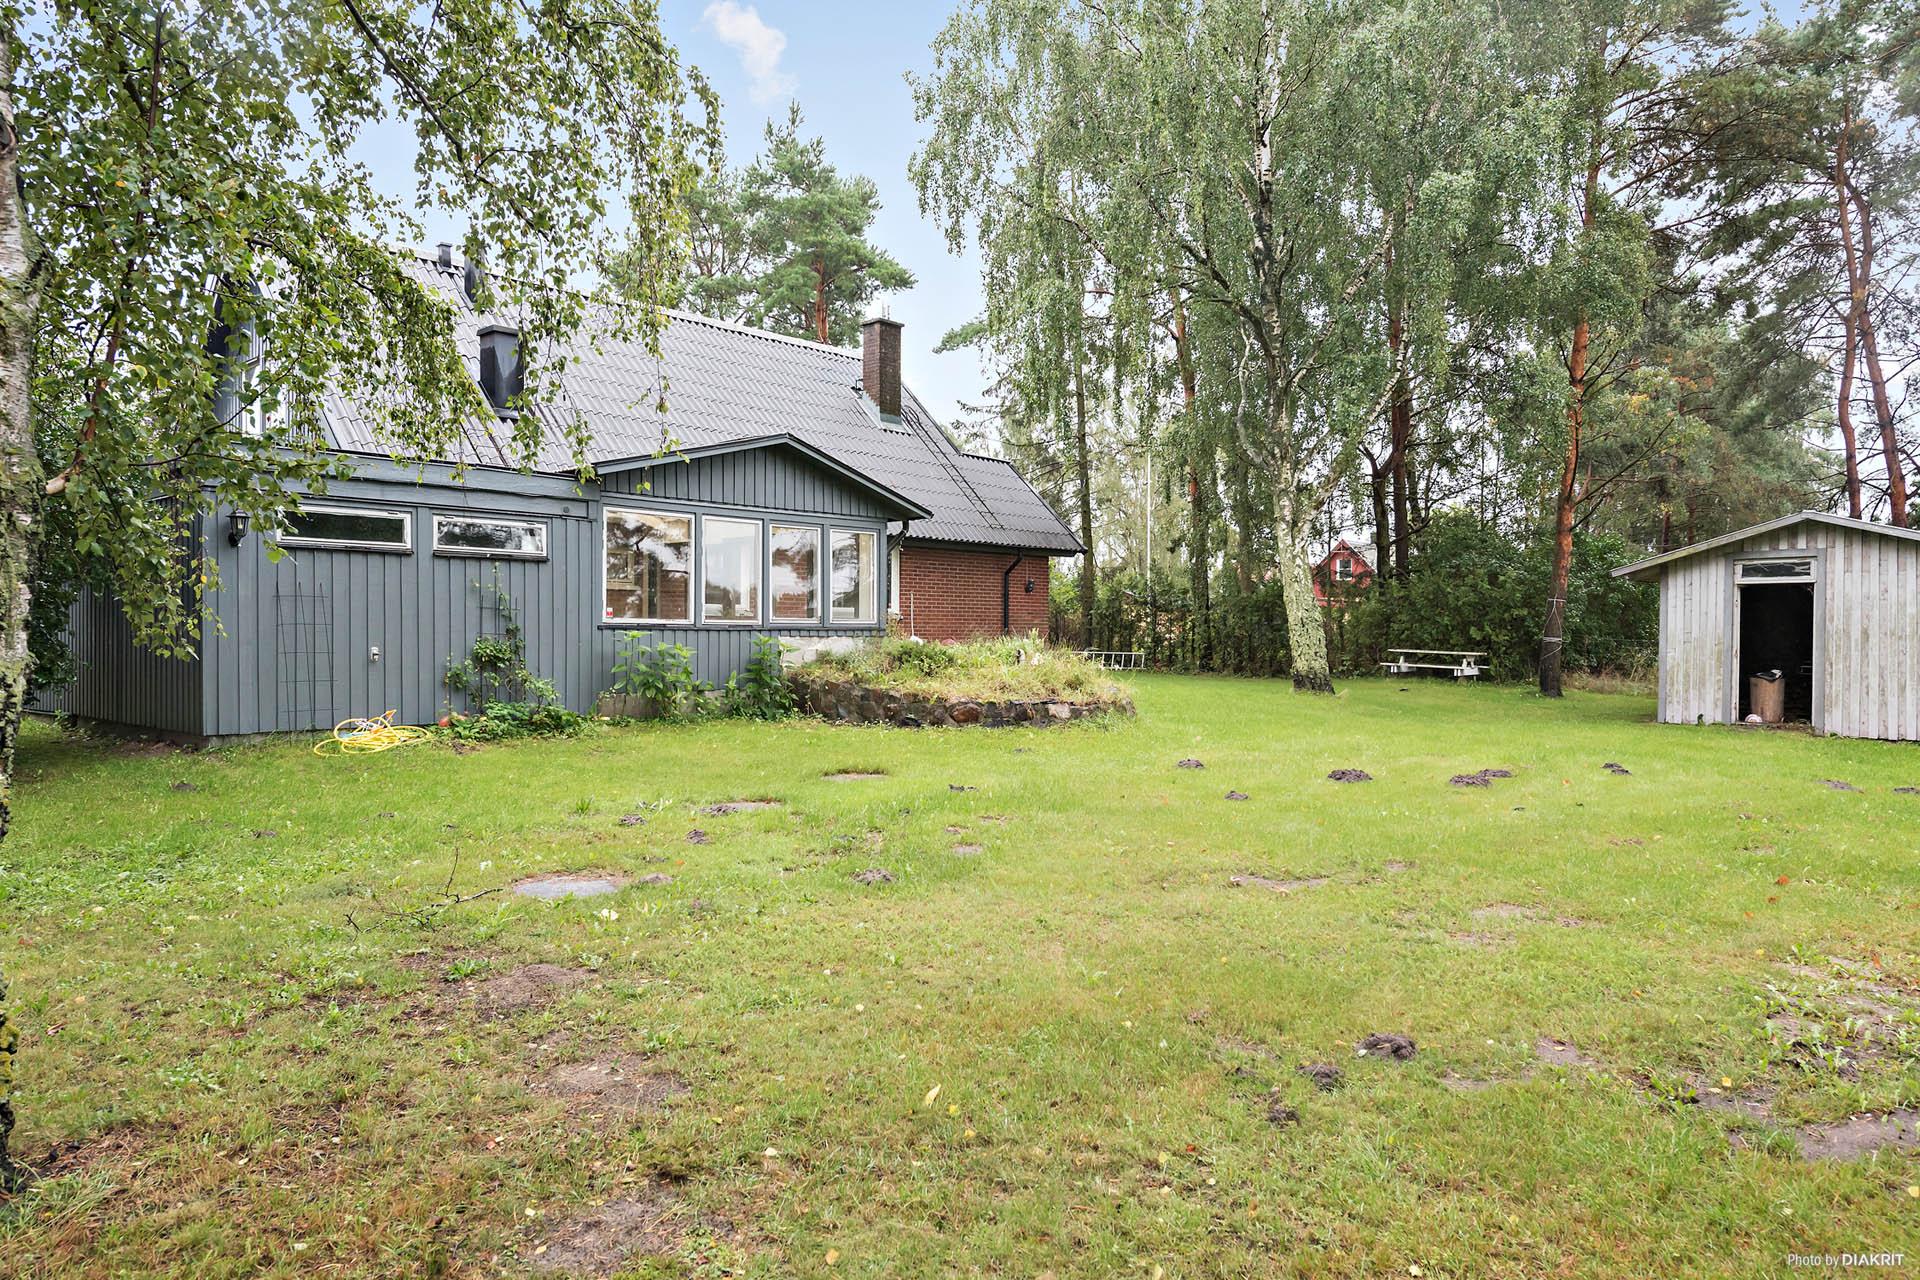 Härlig baksida av huset, helt insynsskyddat. Lummigt och grönt. Vedbod samt extra förråd.